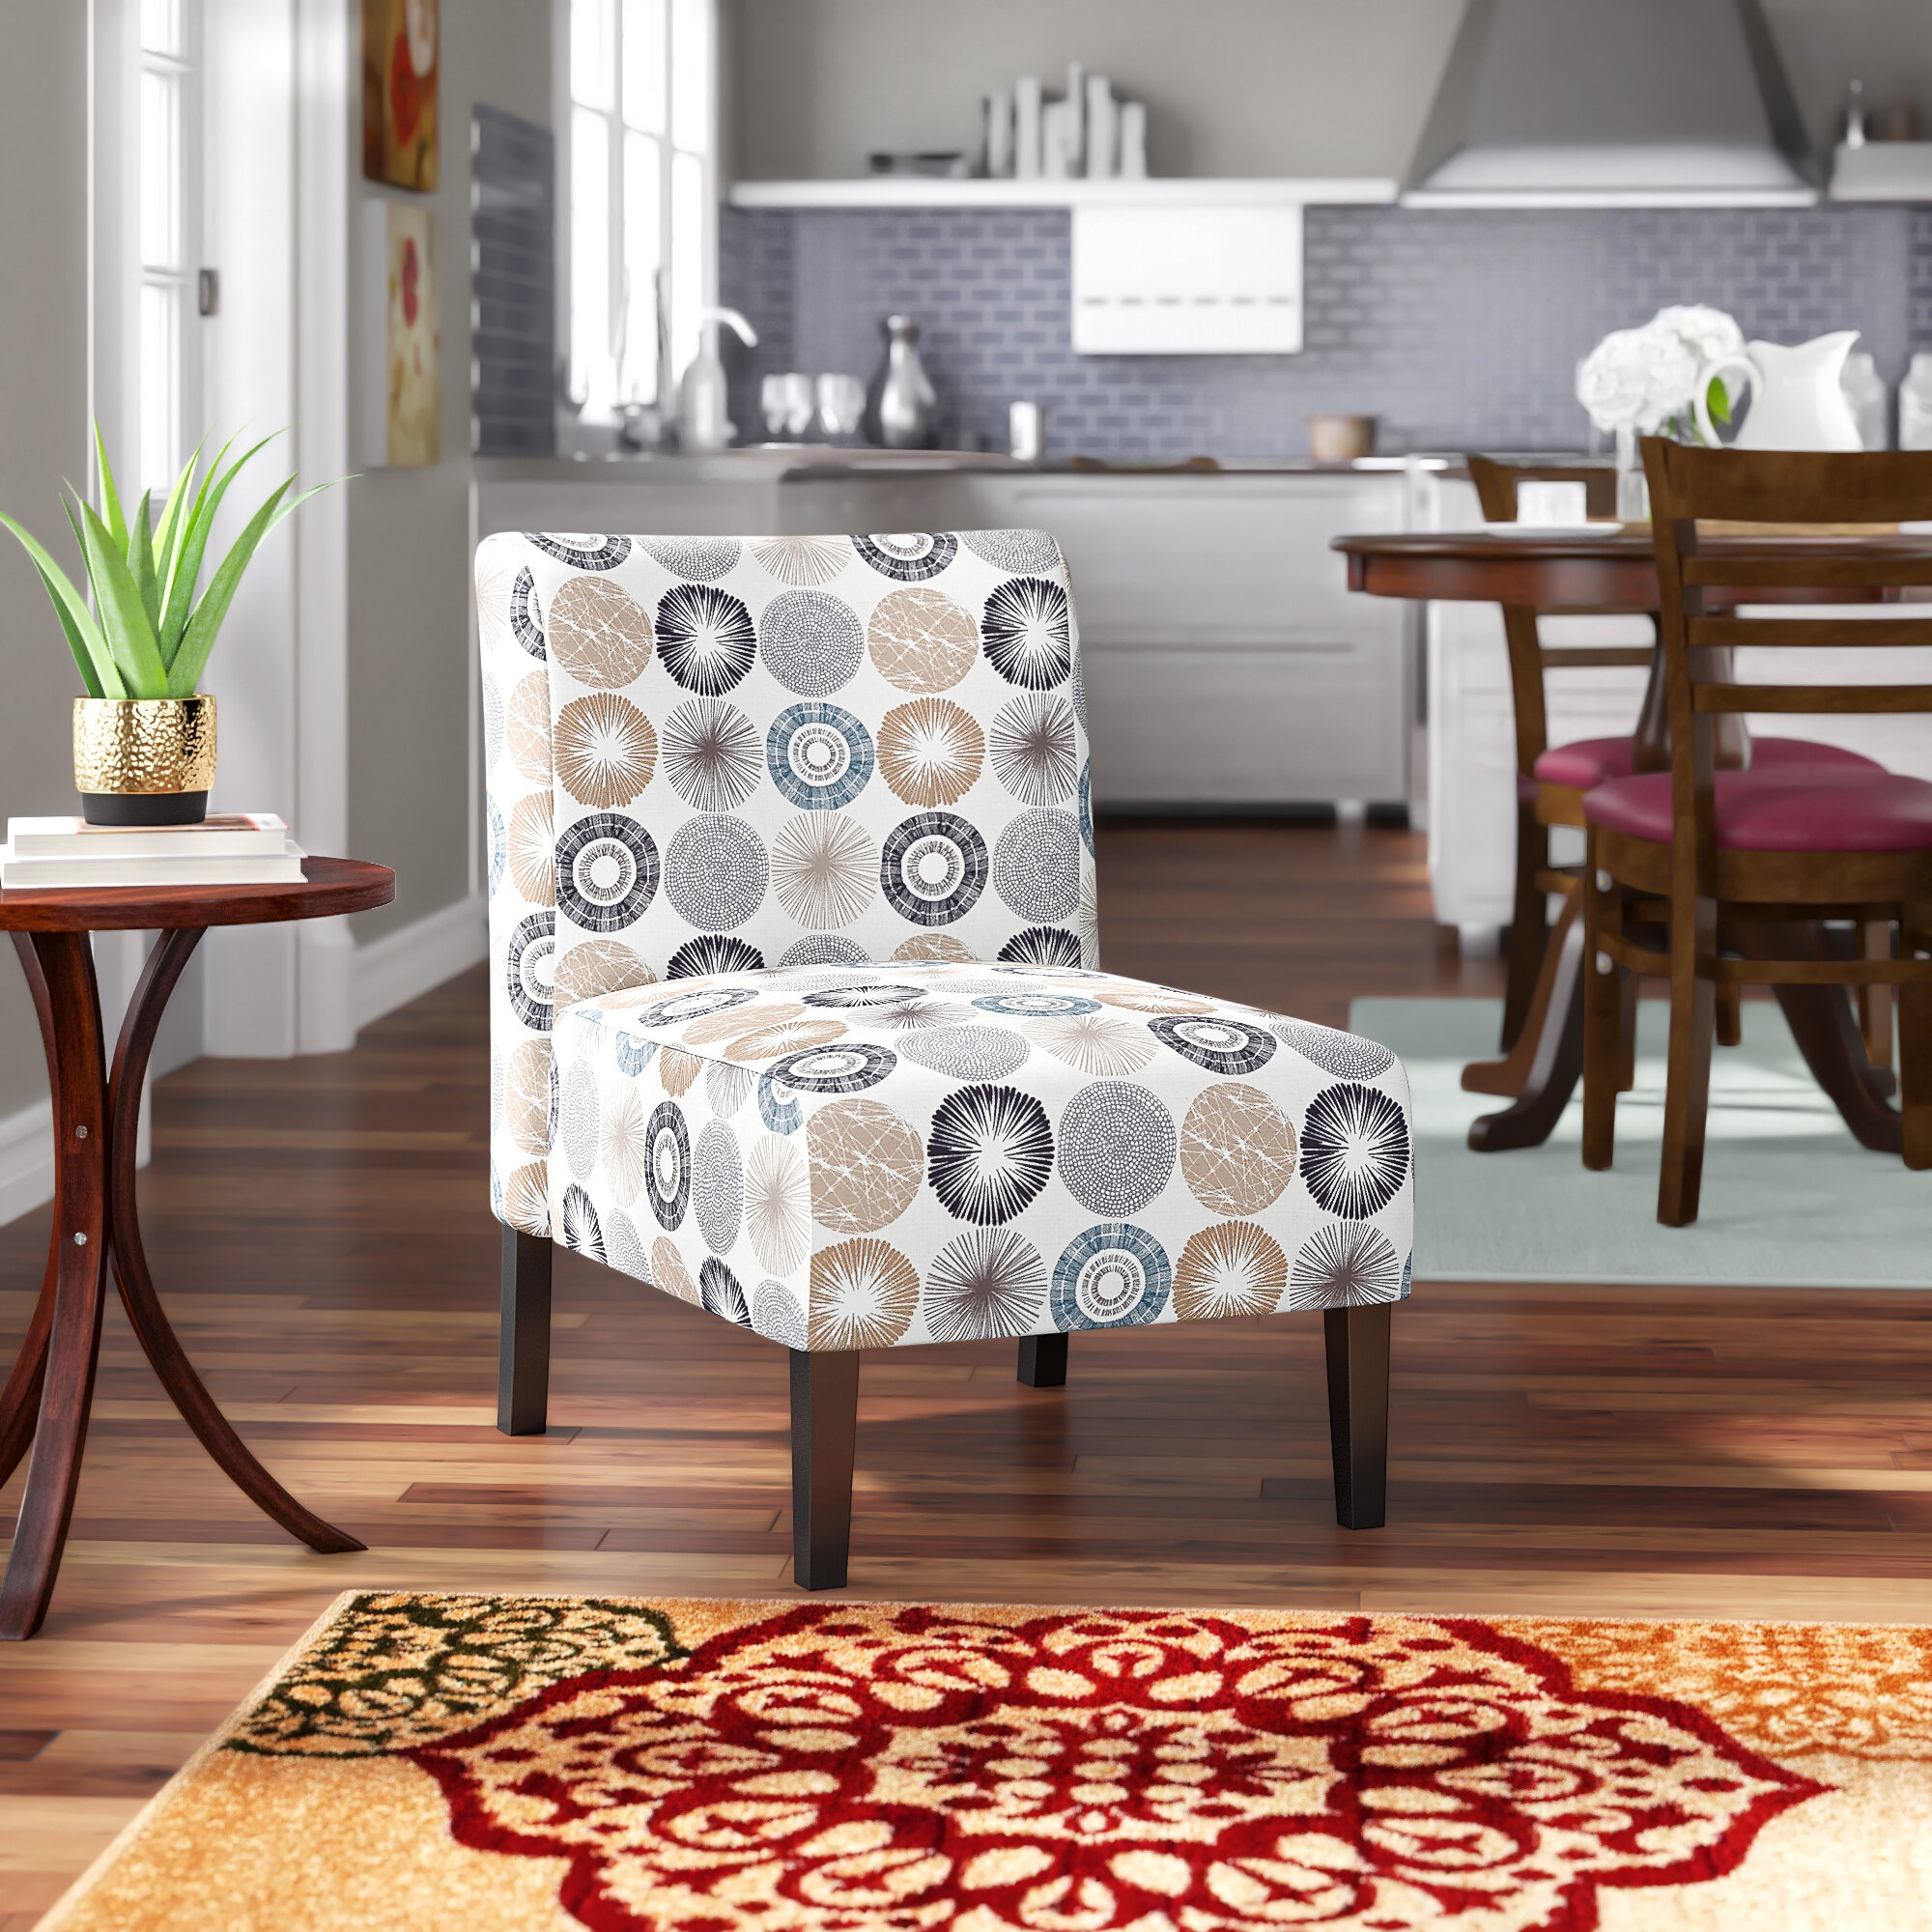 Slipper Chairs | Wayfair Pertaining To Gozzoli Slipper Chairs (View 9 of 15)